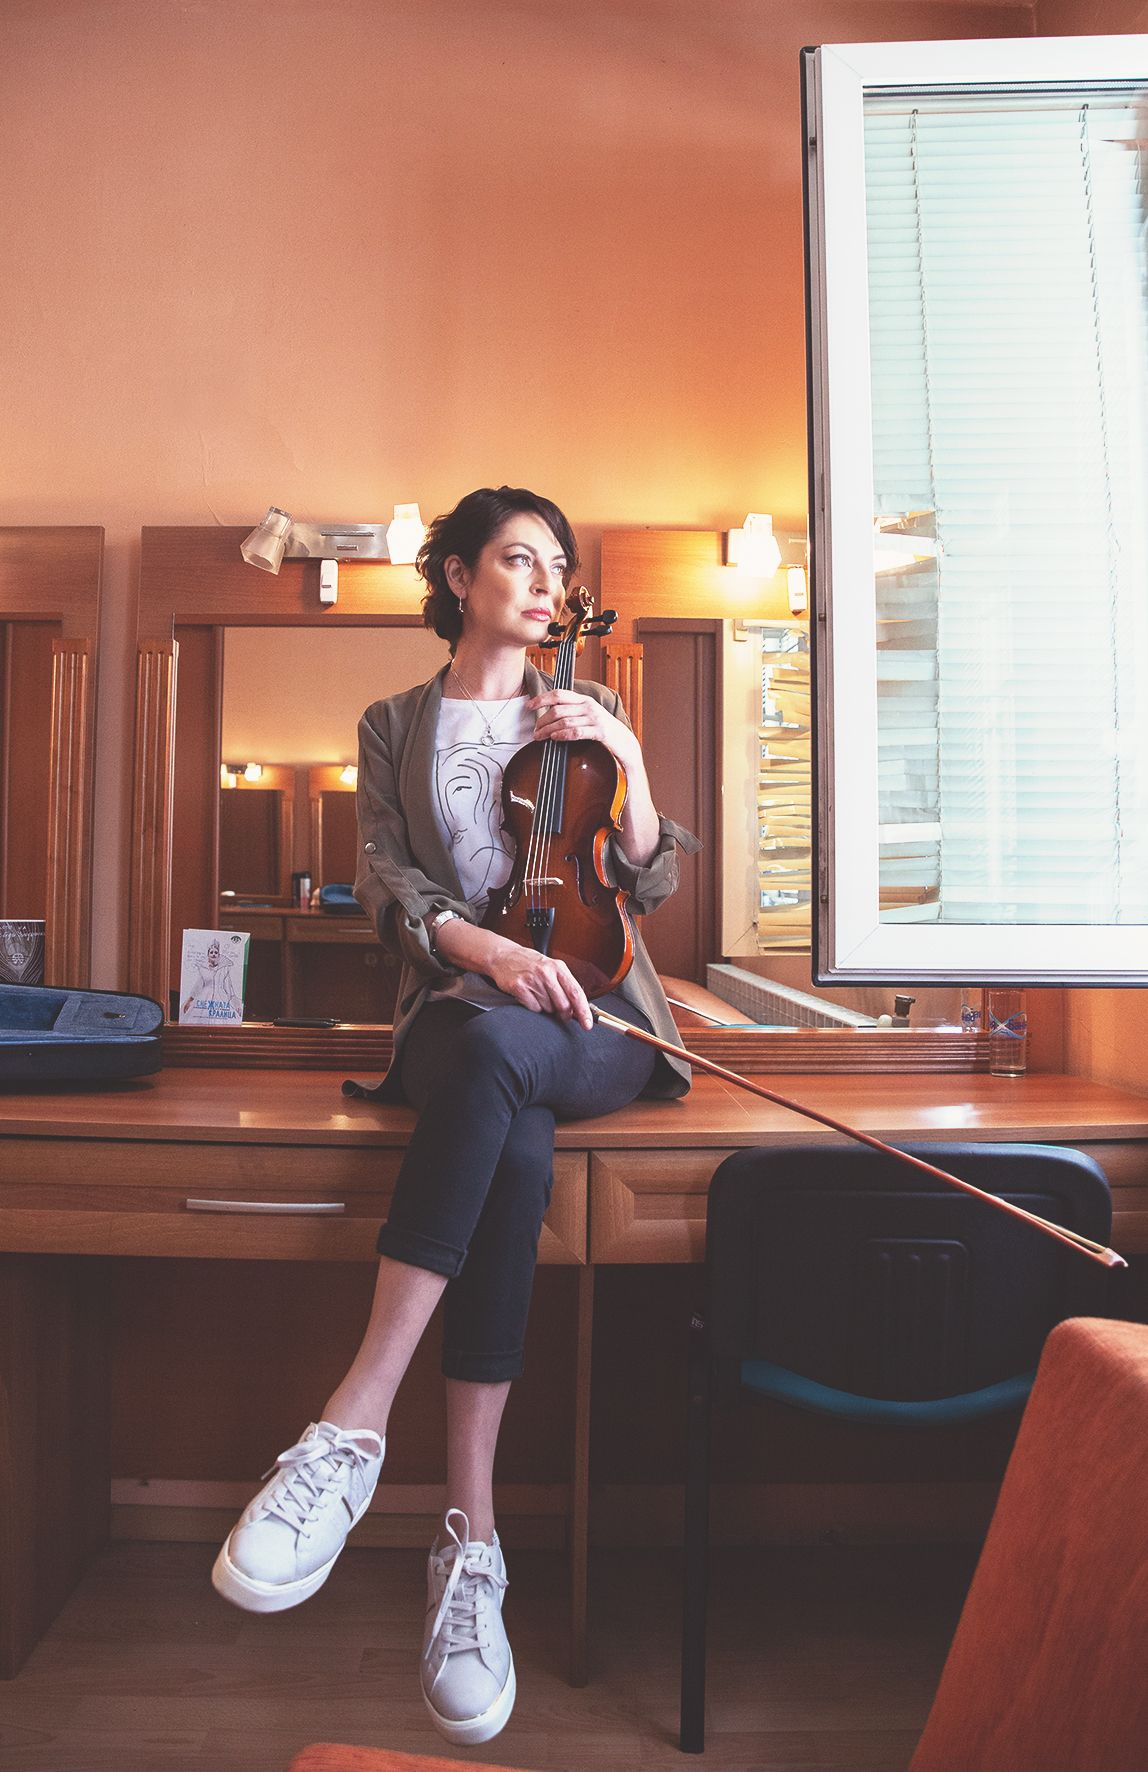 Първата цигулка на Милена Аврамова е била без лък, но това не ѝ попречило да свири виртуозно.  За удобството през дългия ден тя предпочита дамските бели сникърси ESPRIT